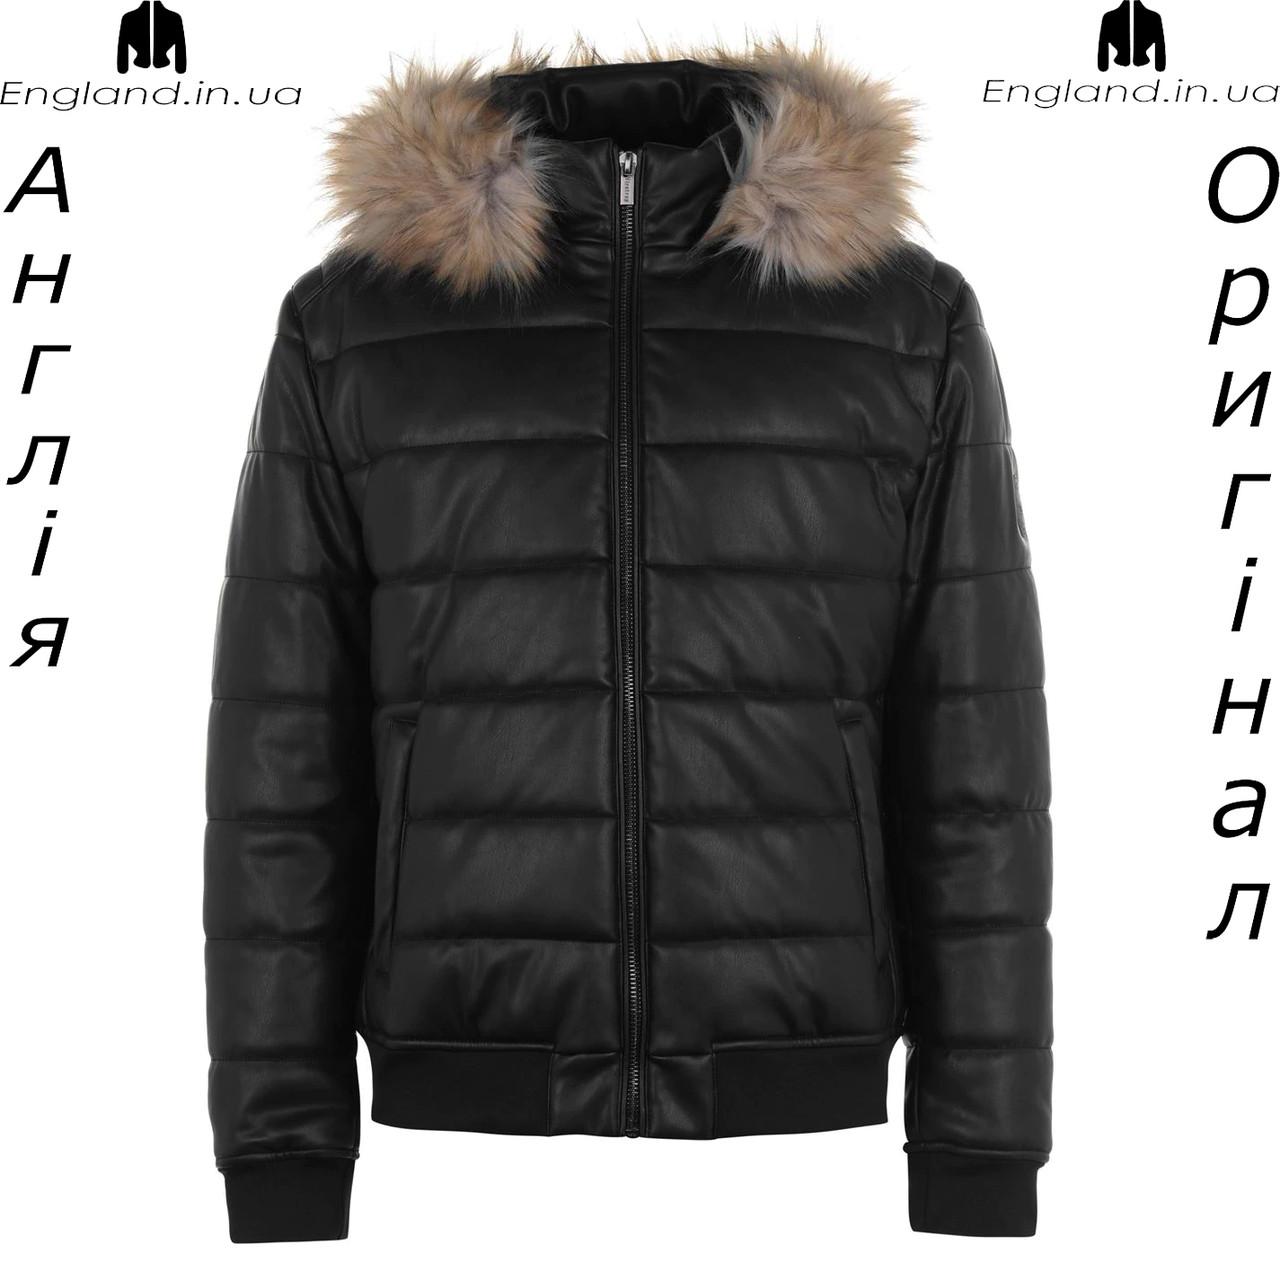 Куртка кожаная PU мужская Firetrap из Англии - демисезонная